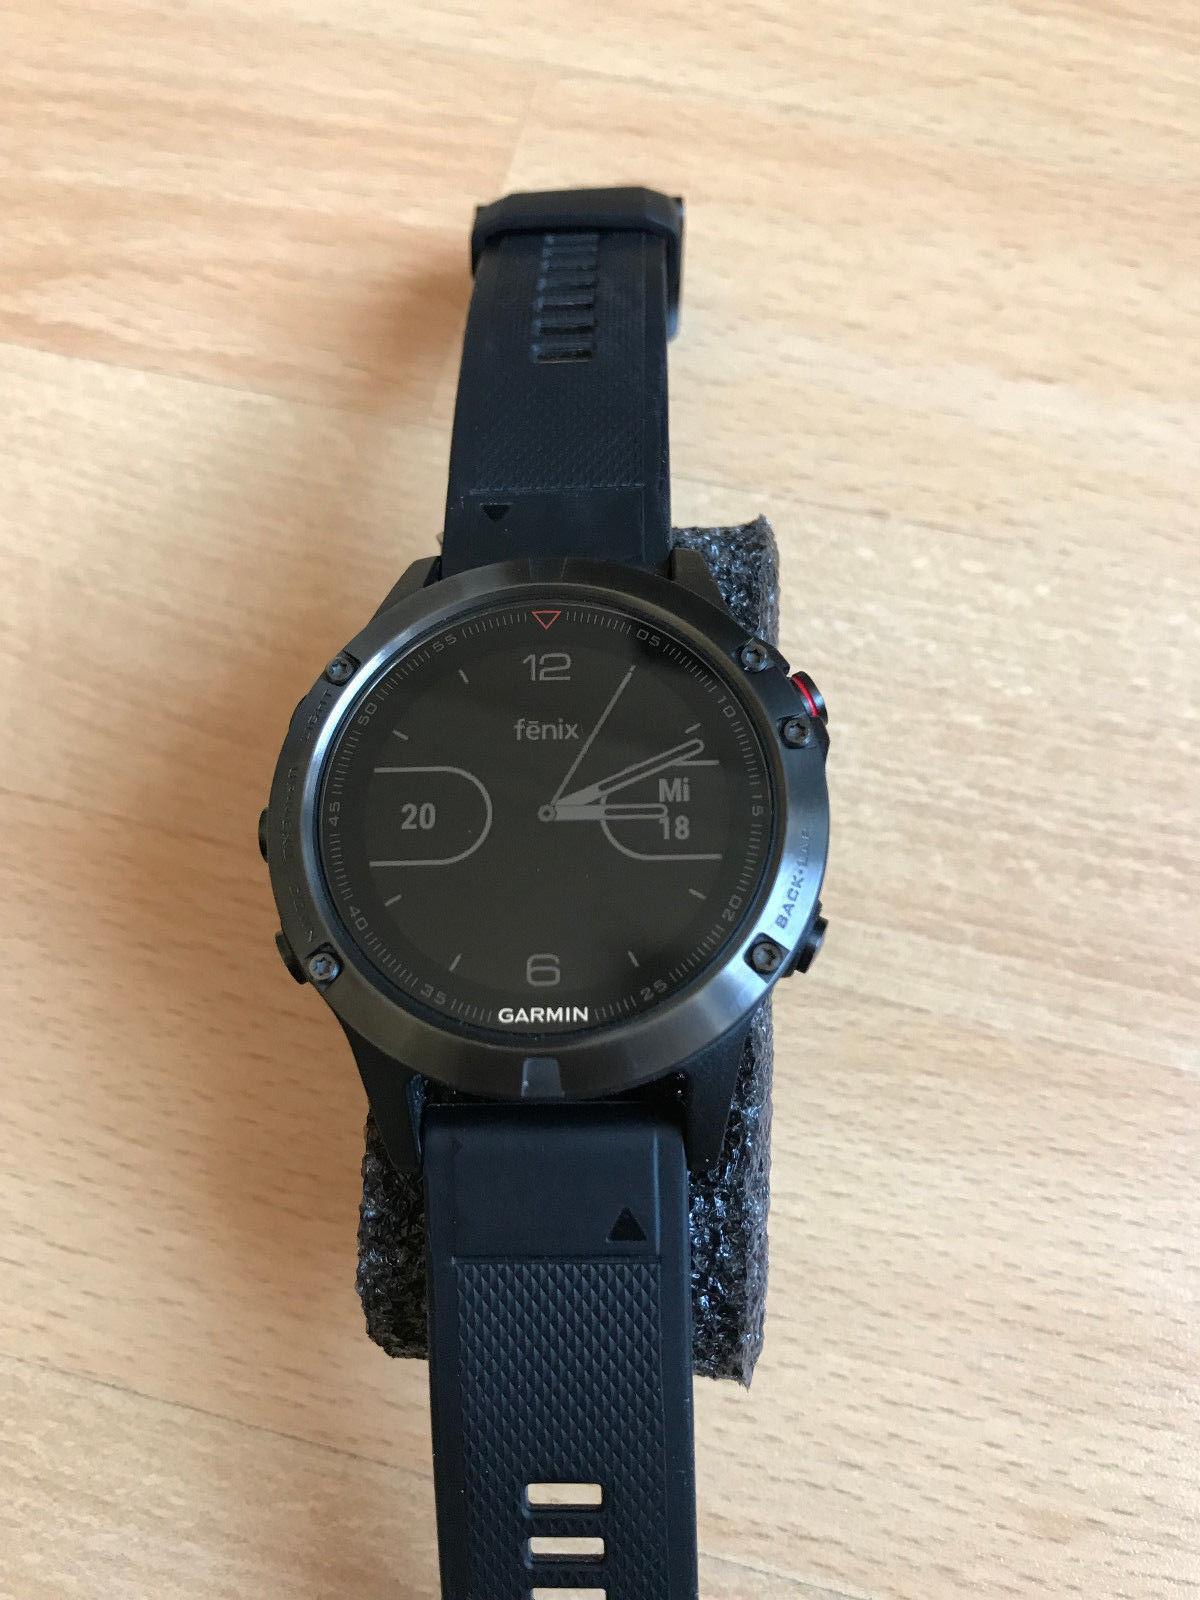 Garmin Fenix 5 grau mit schwarzem Armband  - neuwertiger Zustand